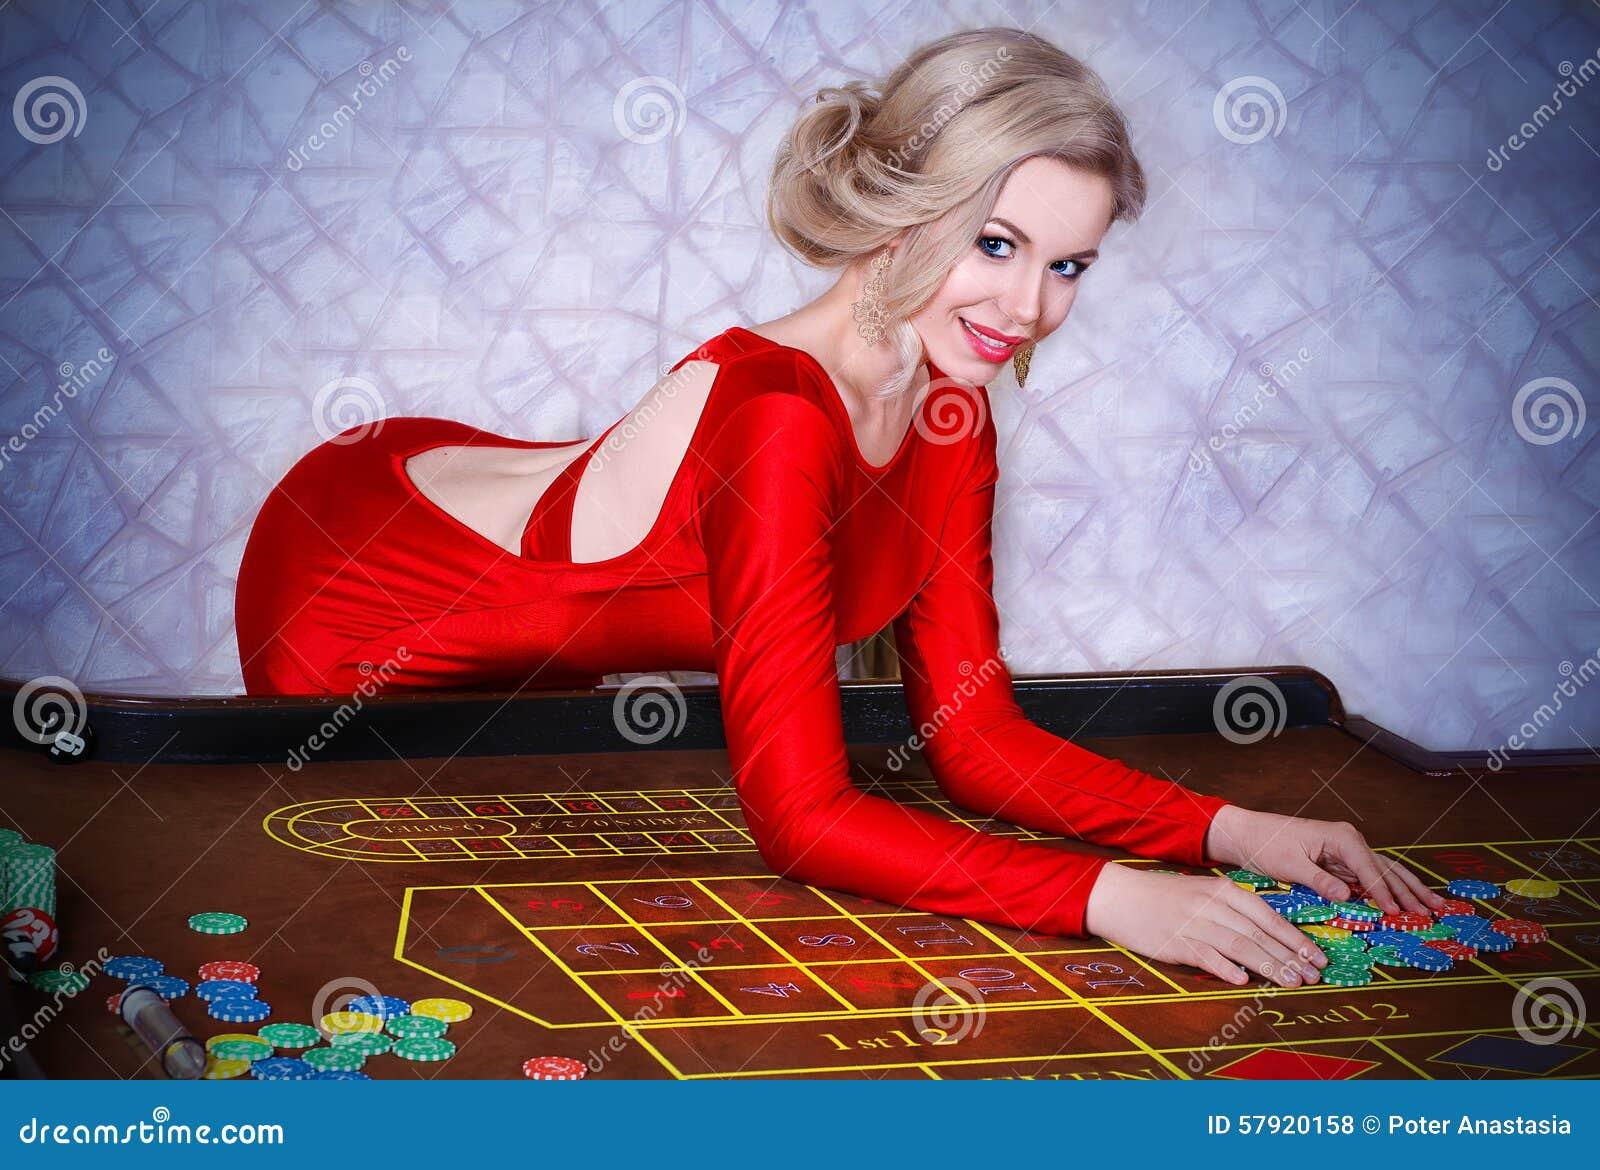 Играть Бесплатно В Игровые Автоматы Уникум